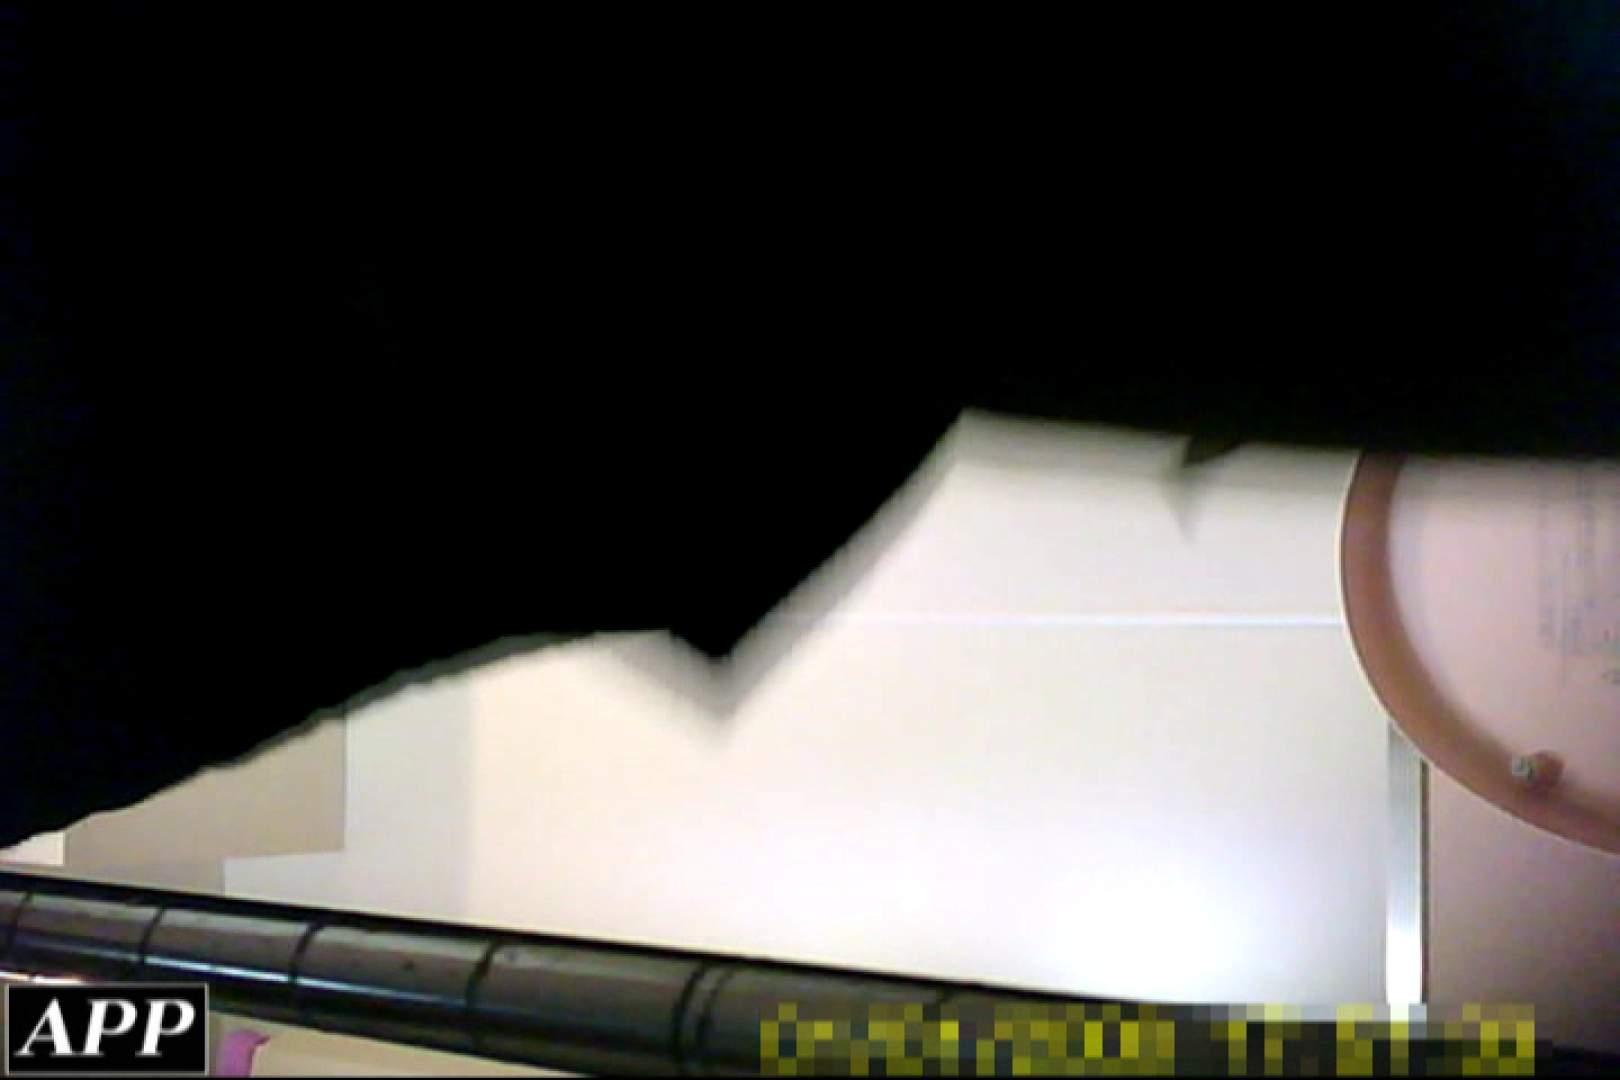 3視点洗面所 vol.84 マンコ アダルト動画キャプチャ 103pic 89